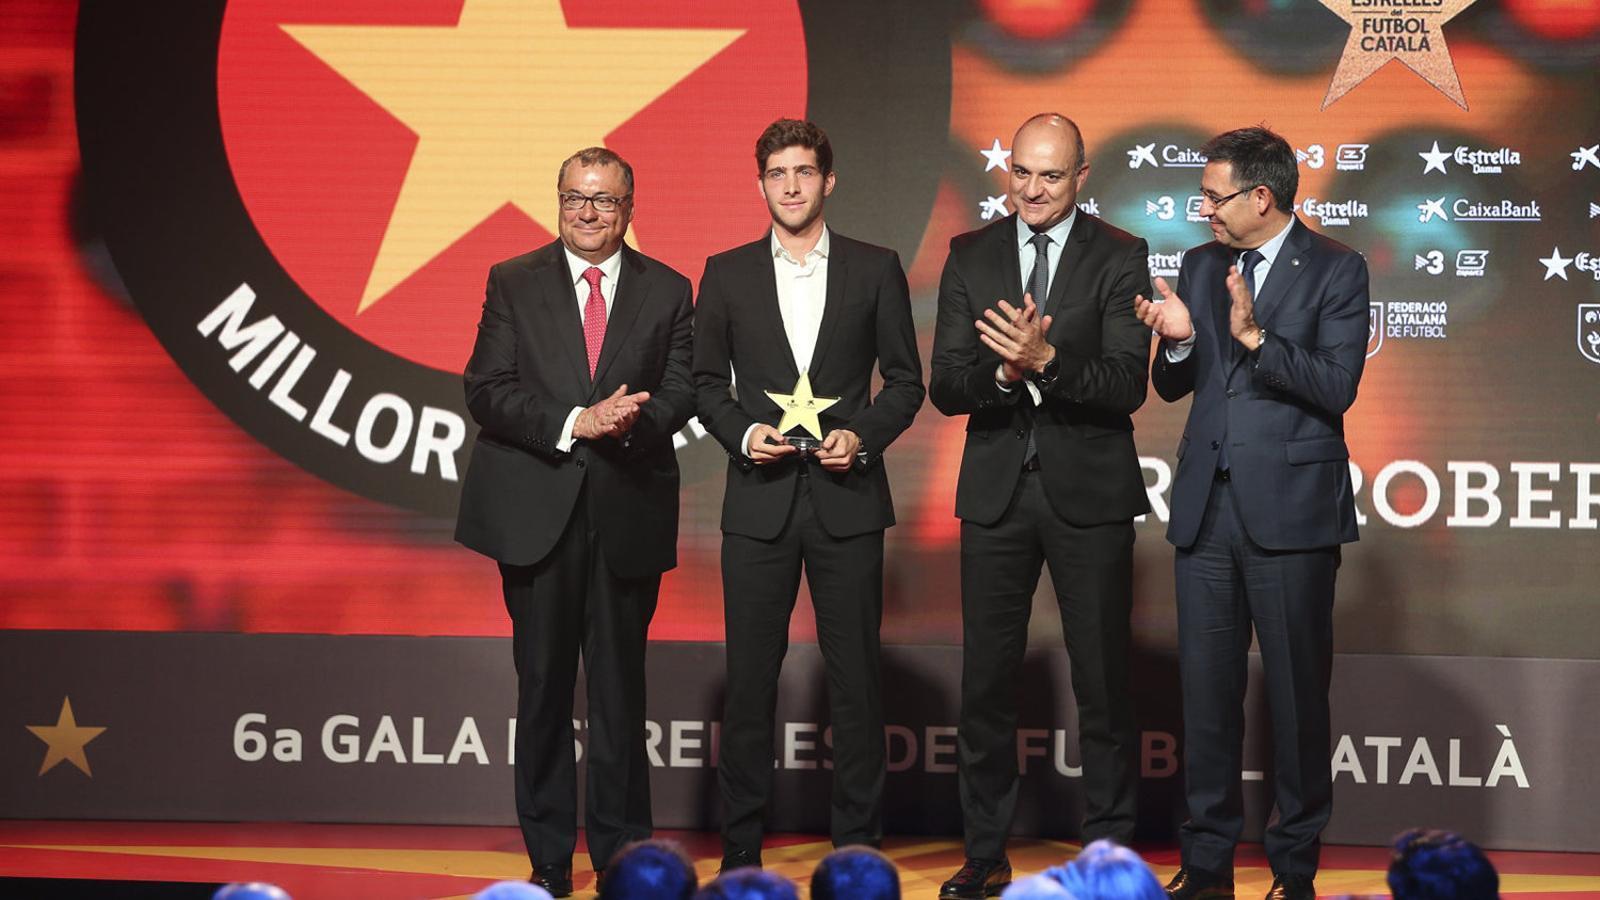 El futbol català es reivindica